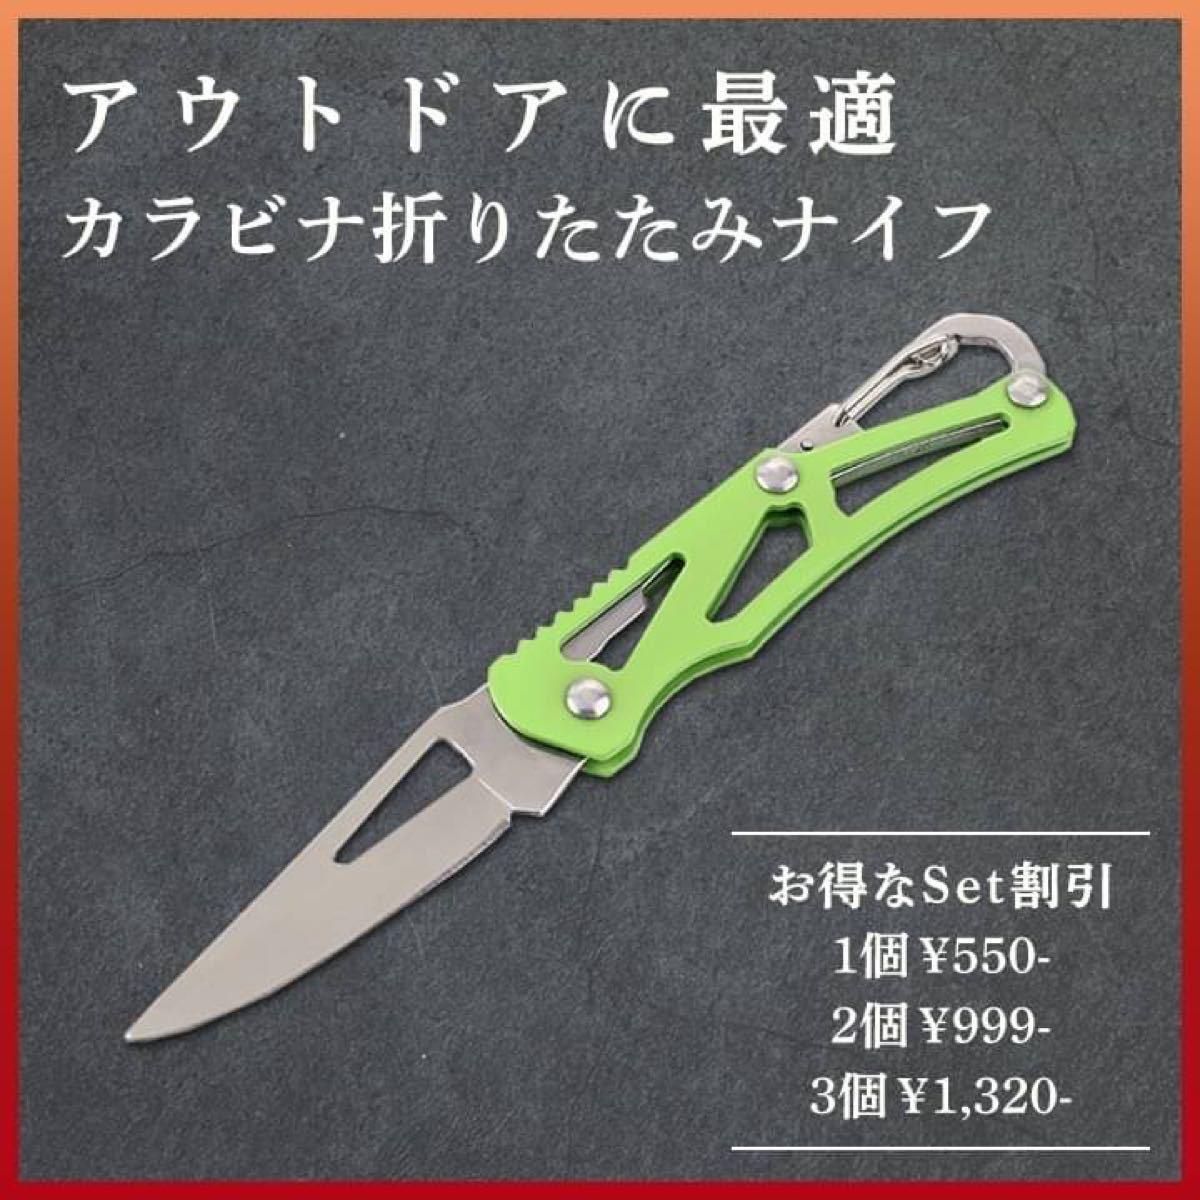 【アウトドアに最適!】カラビナ折りたたみナイフ・緑色 釣り キャンプ サバイバル